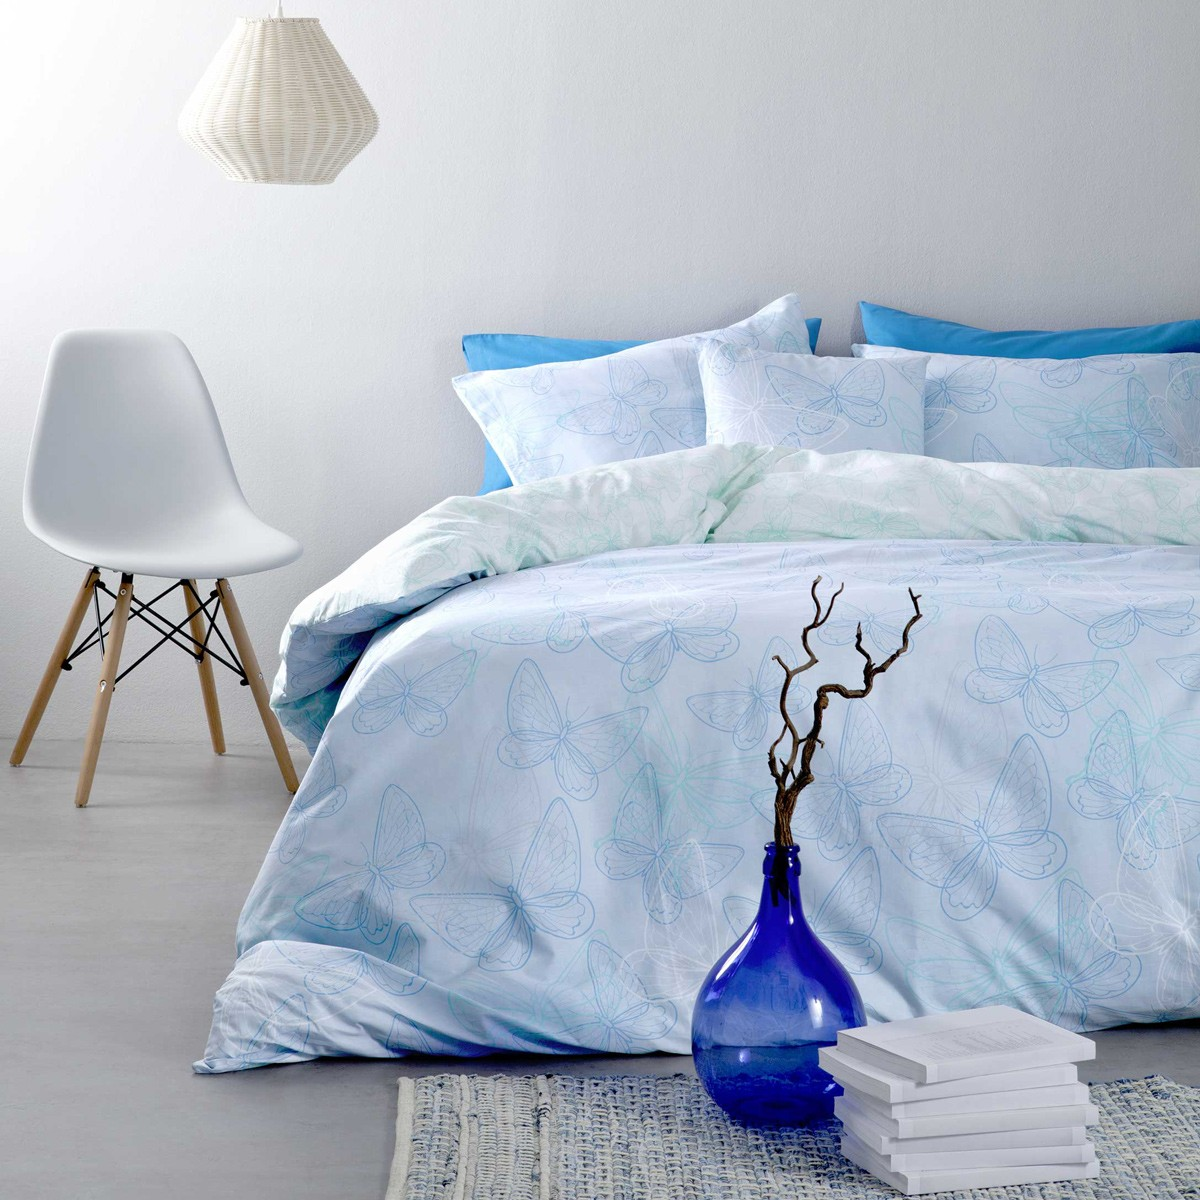 Σεντόνια Υπέρδιπλα (Σετ) Nima Bed Linen Farfalita Blue ΧΩΡΙΣ ΛΑΣΤΙΧΟ ΧΩΡΙΣ ΛΑΣΤΙΧΟ